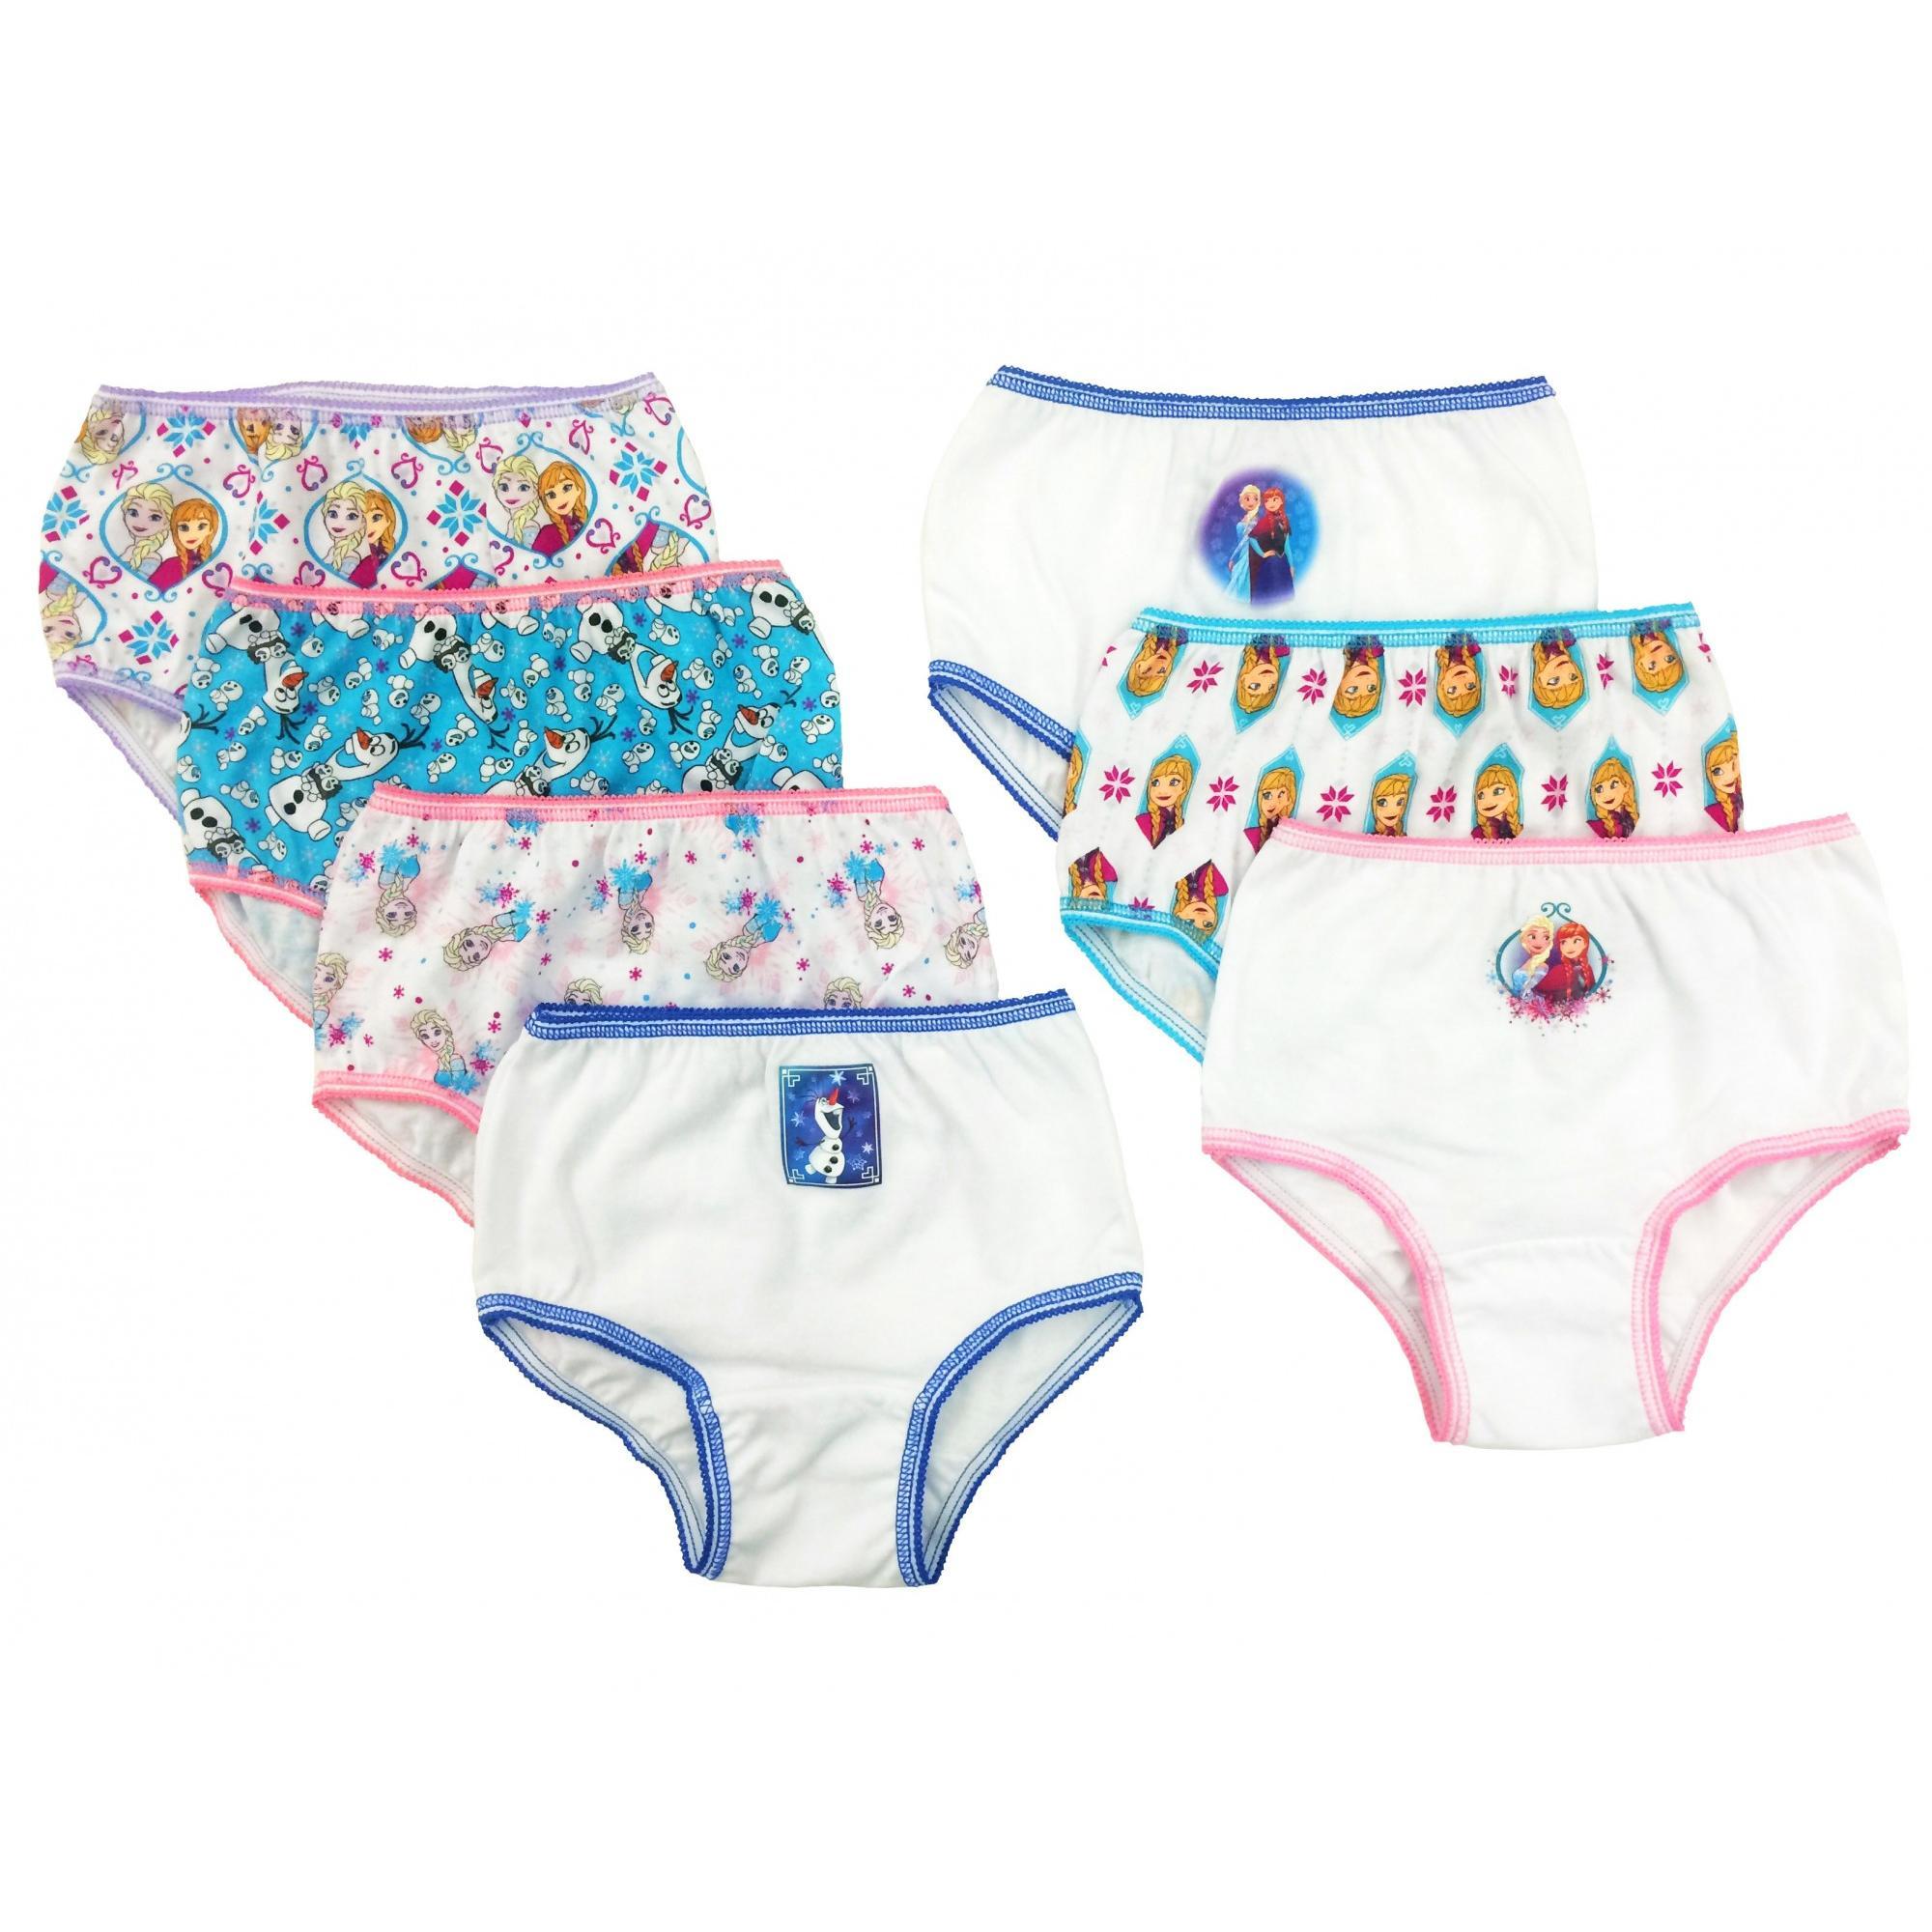 14747:Disney Disney Frozen Girls' Underwear, 7 Pack